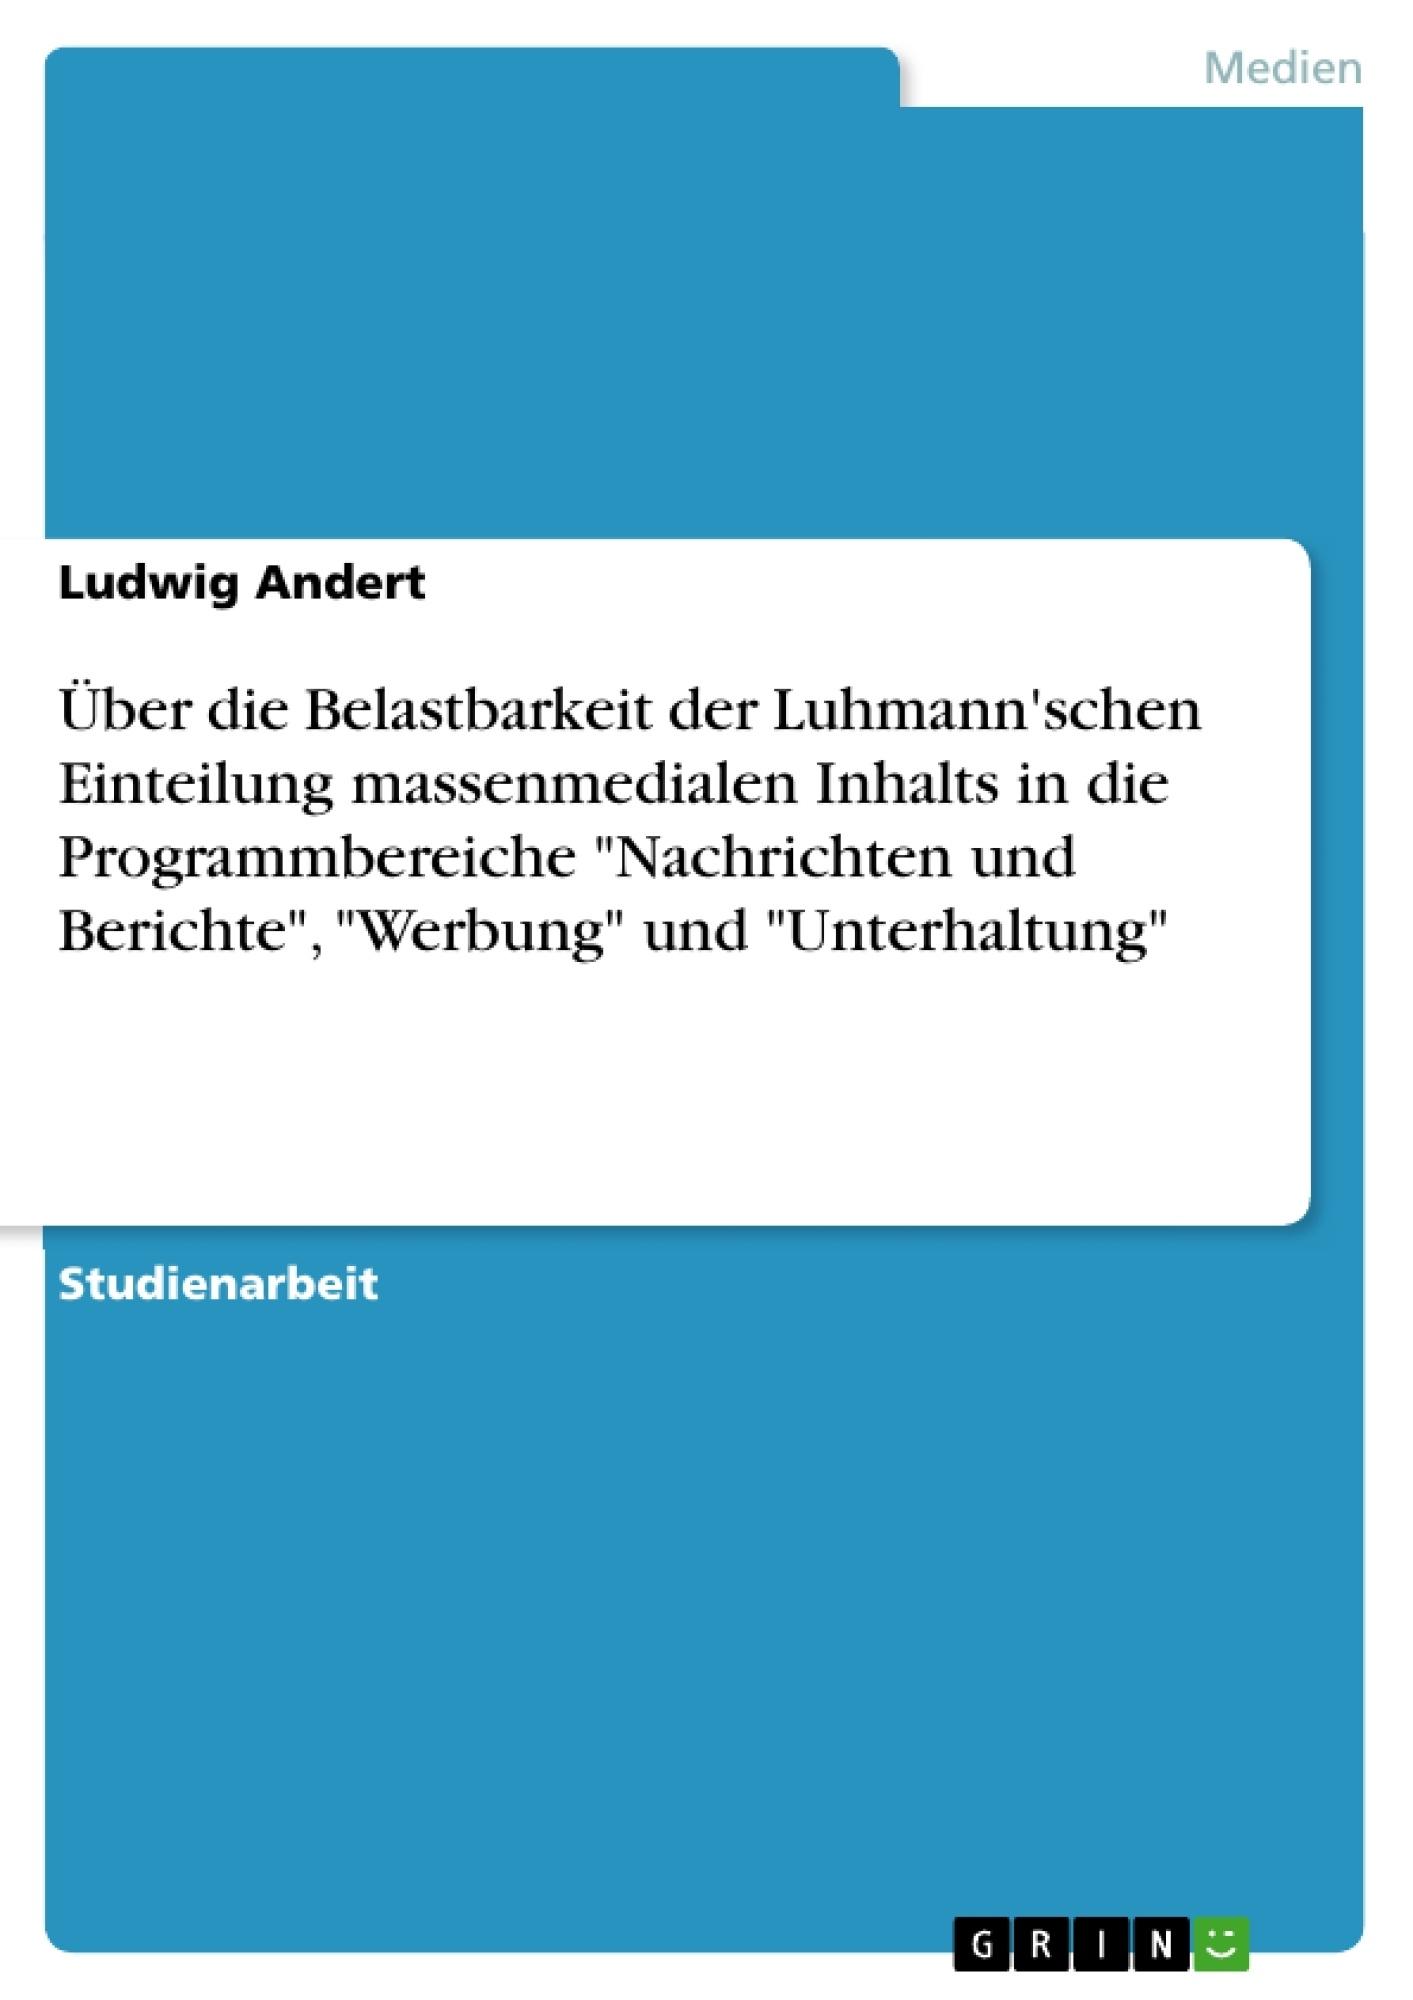 """Titel: Über die Belastbarkeit der Luhmann'schen Einteilung massenmedialen Inhalts in die Programmbereiche """"Nachrichten und Berichte"""", """"Werbung"""" und """"Unterhaltung"""""""